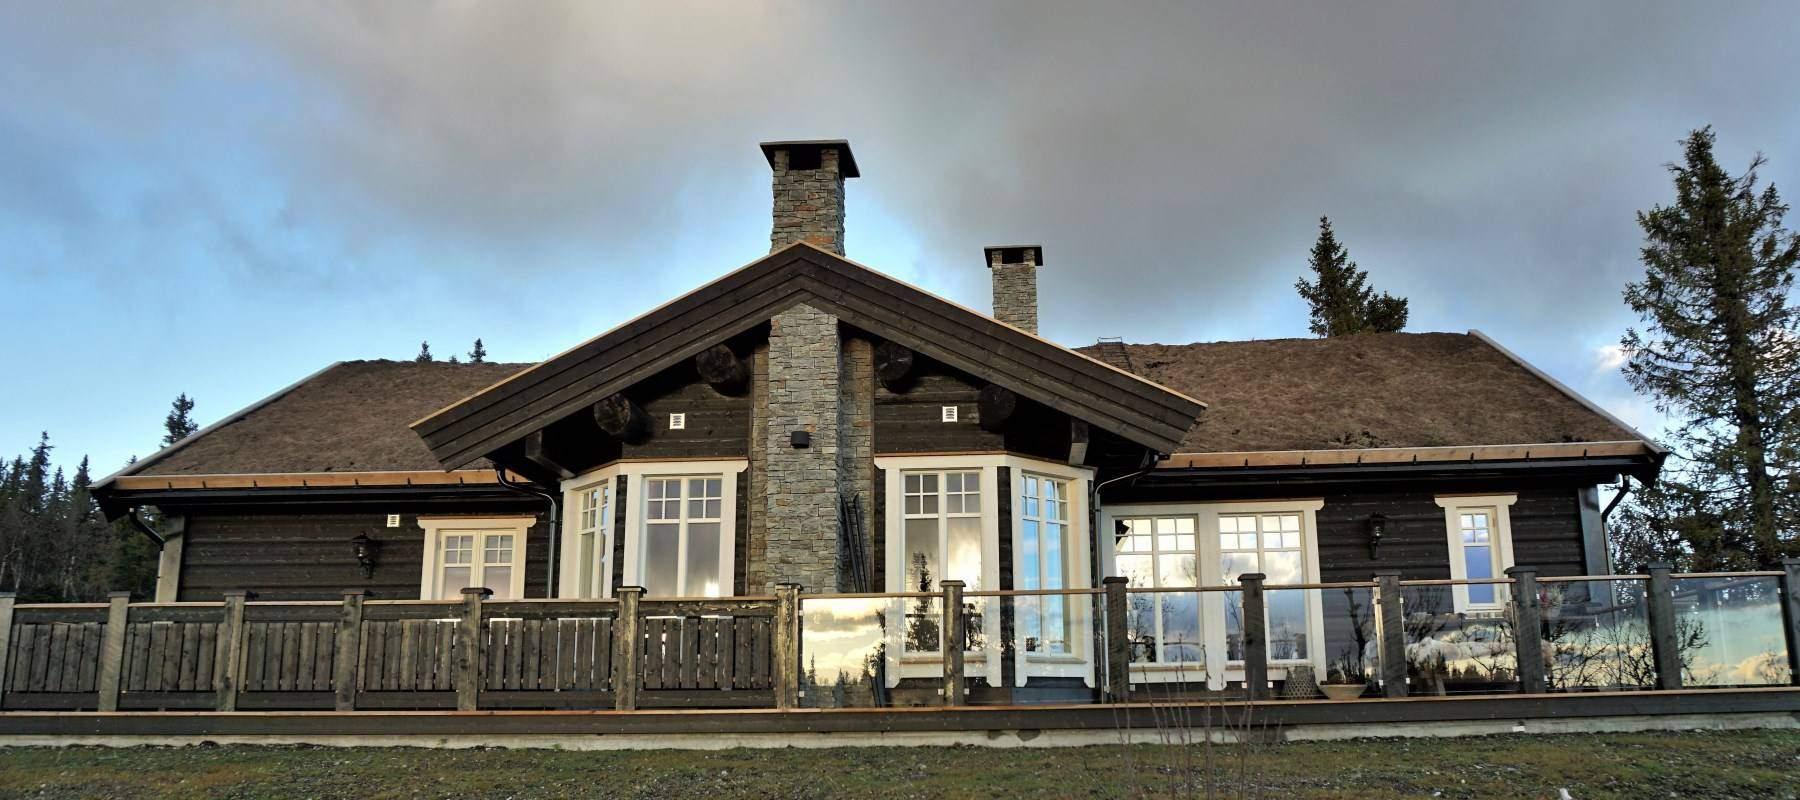 2340 Hytte på Aurdal